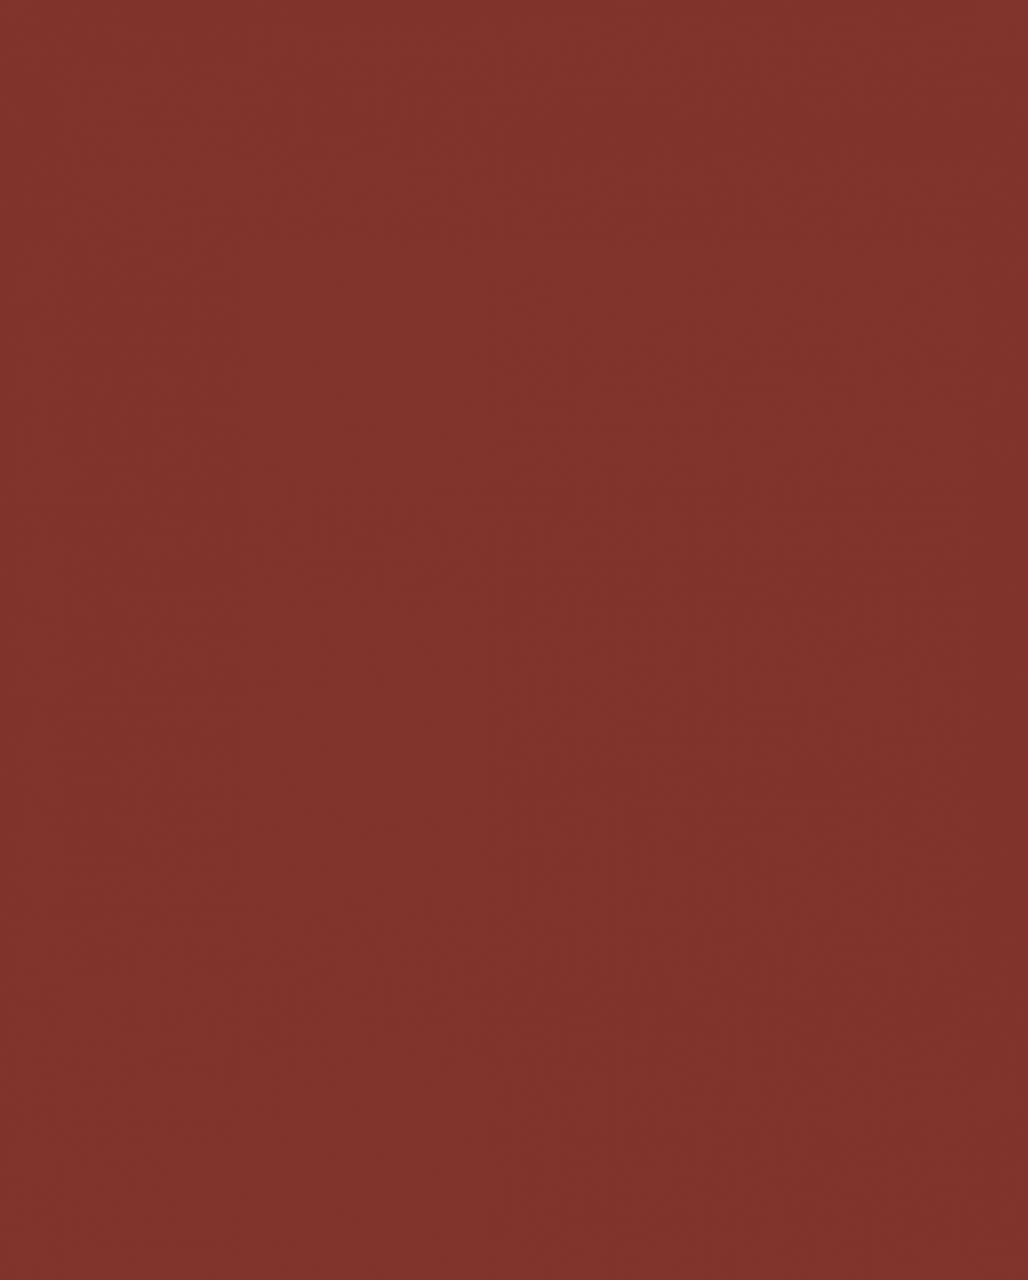 K098 Ceramic Red (MF PB sample)